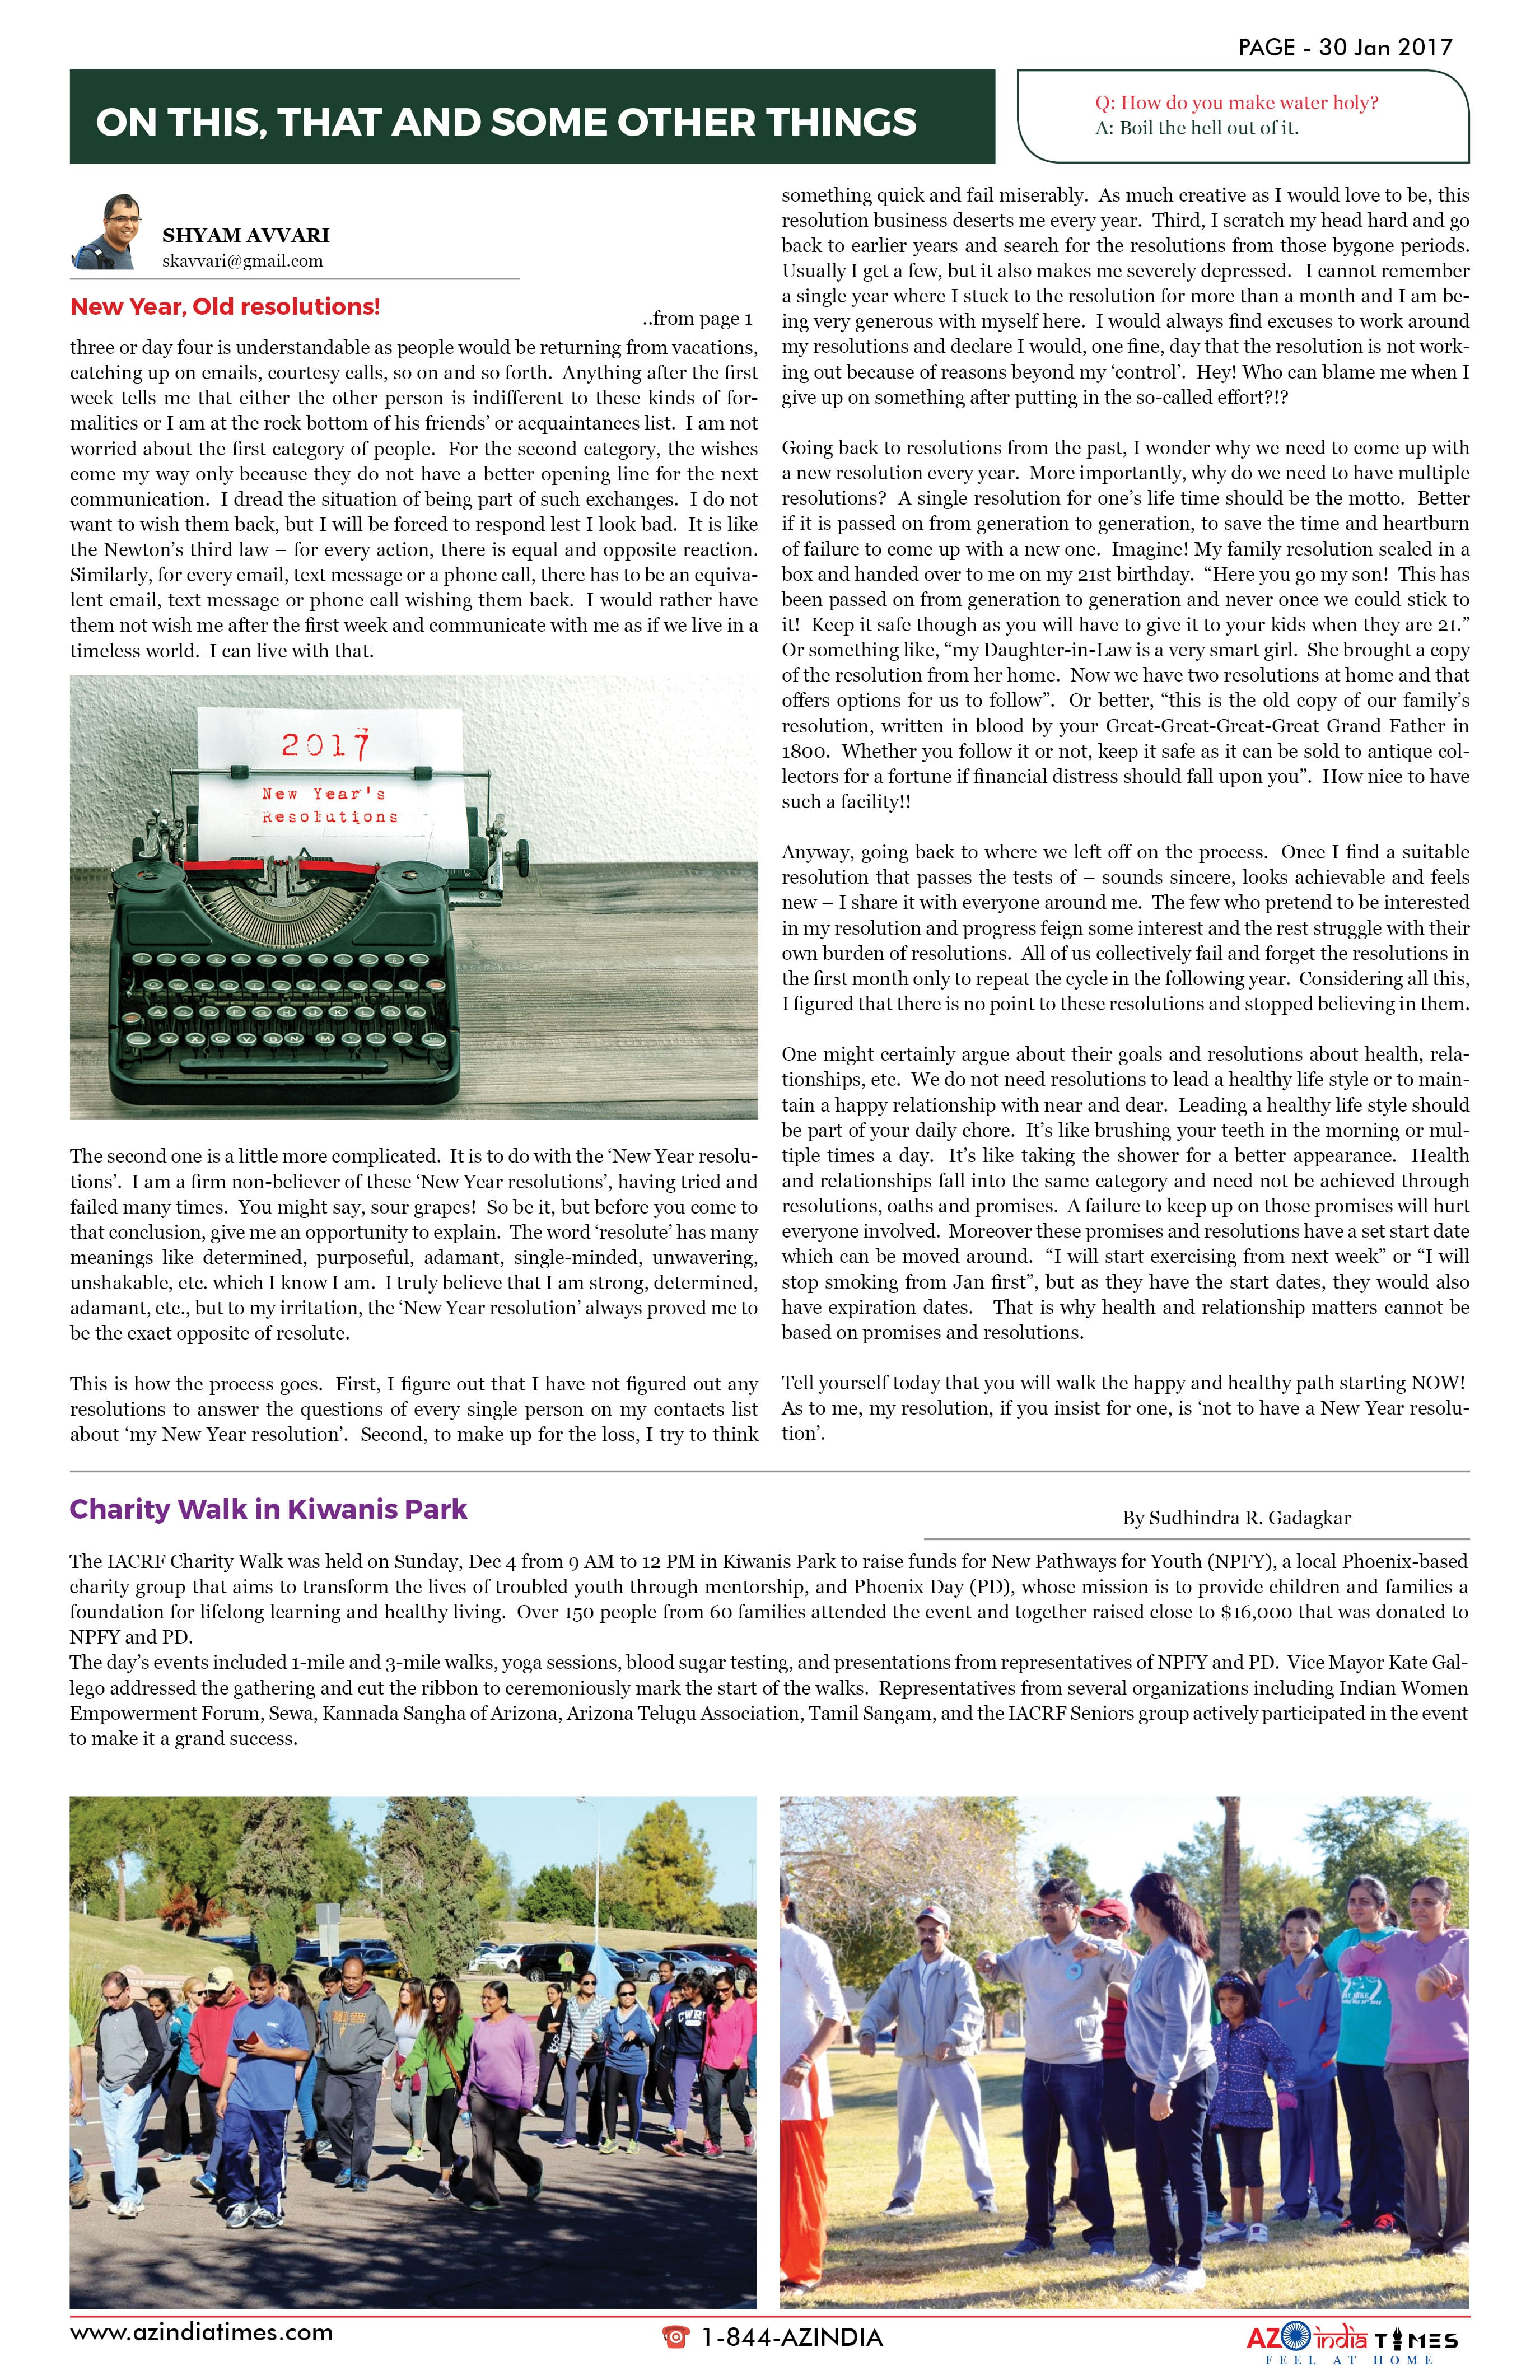 AZ INDIA JANUARY EDITION-30